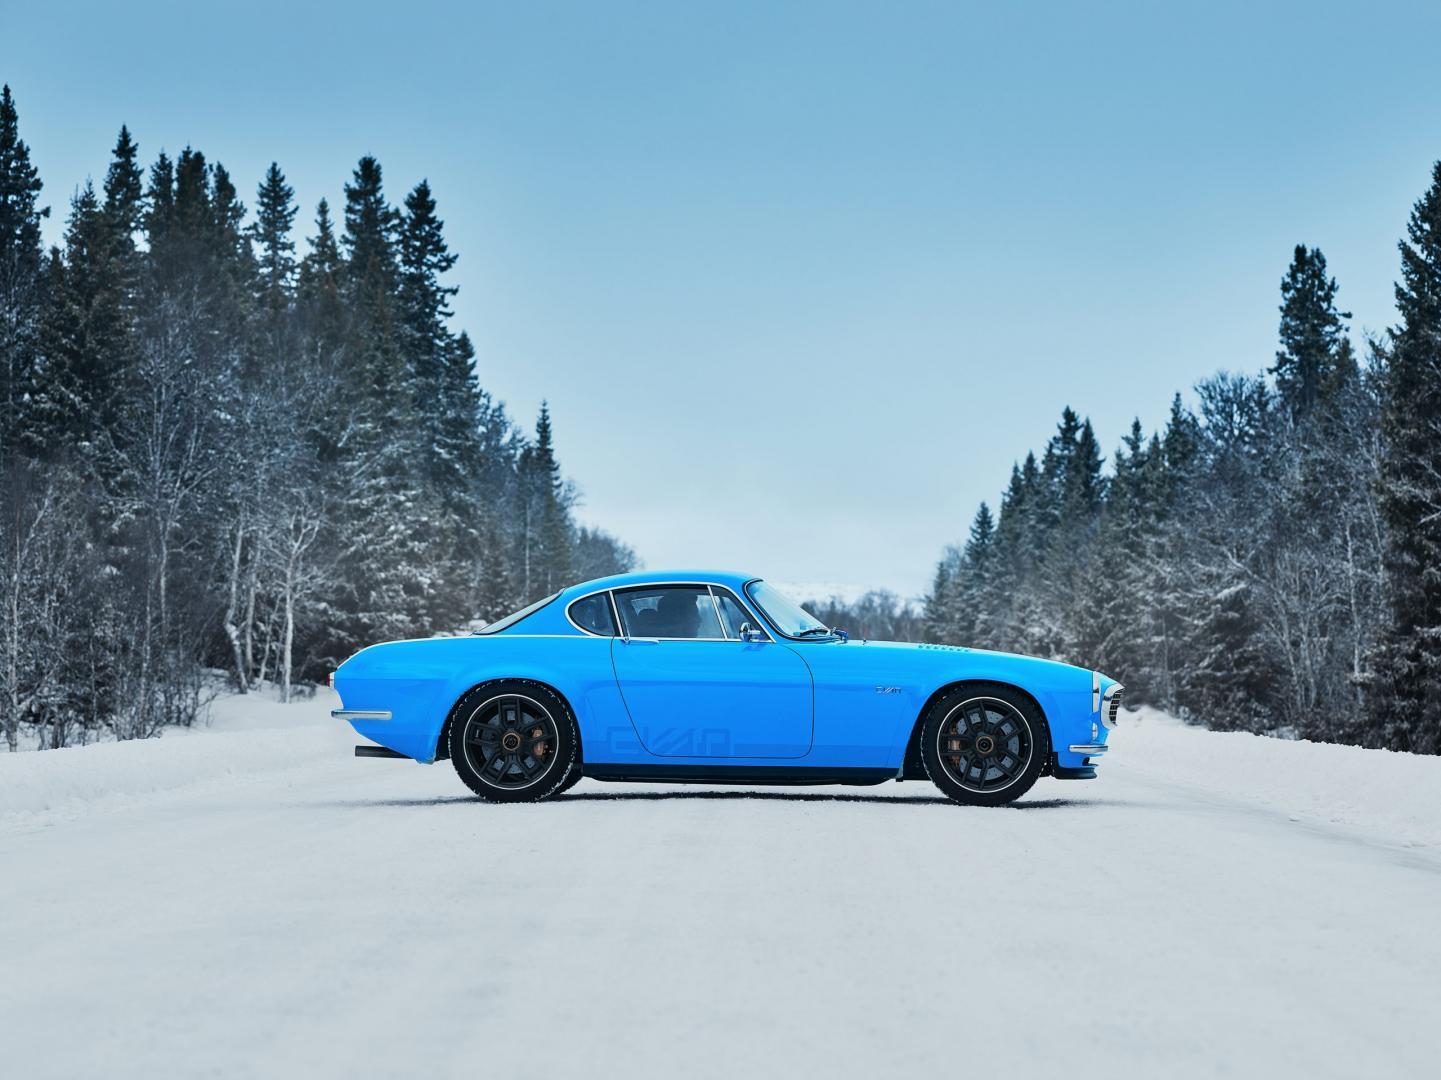 Zijkant Volvo P1800 sneeuw